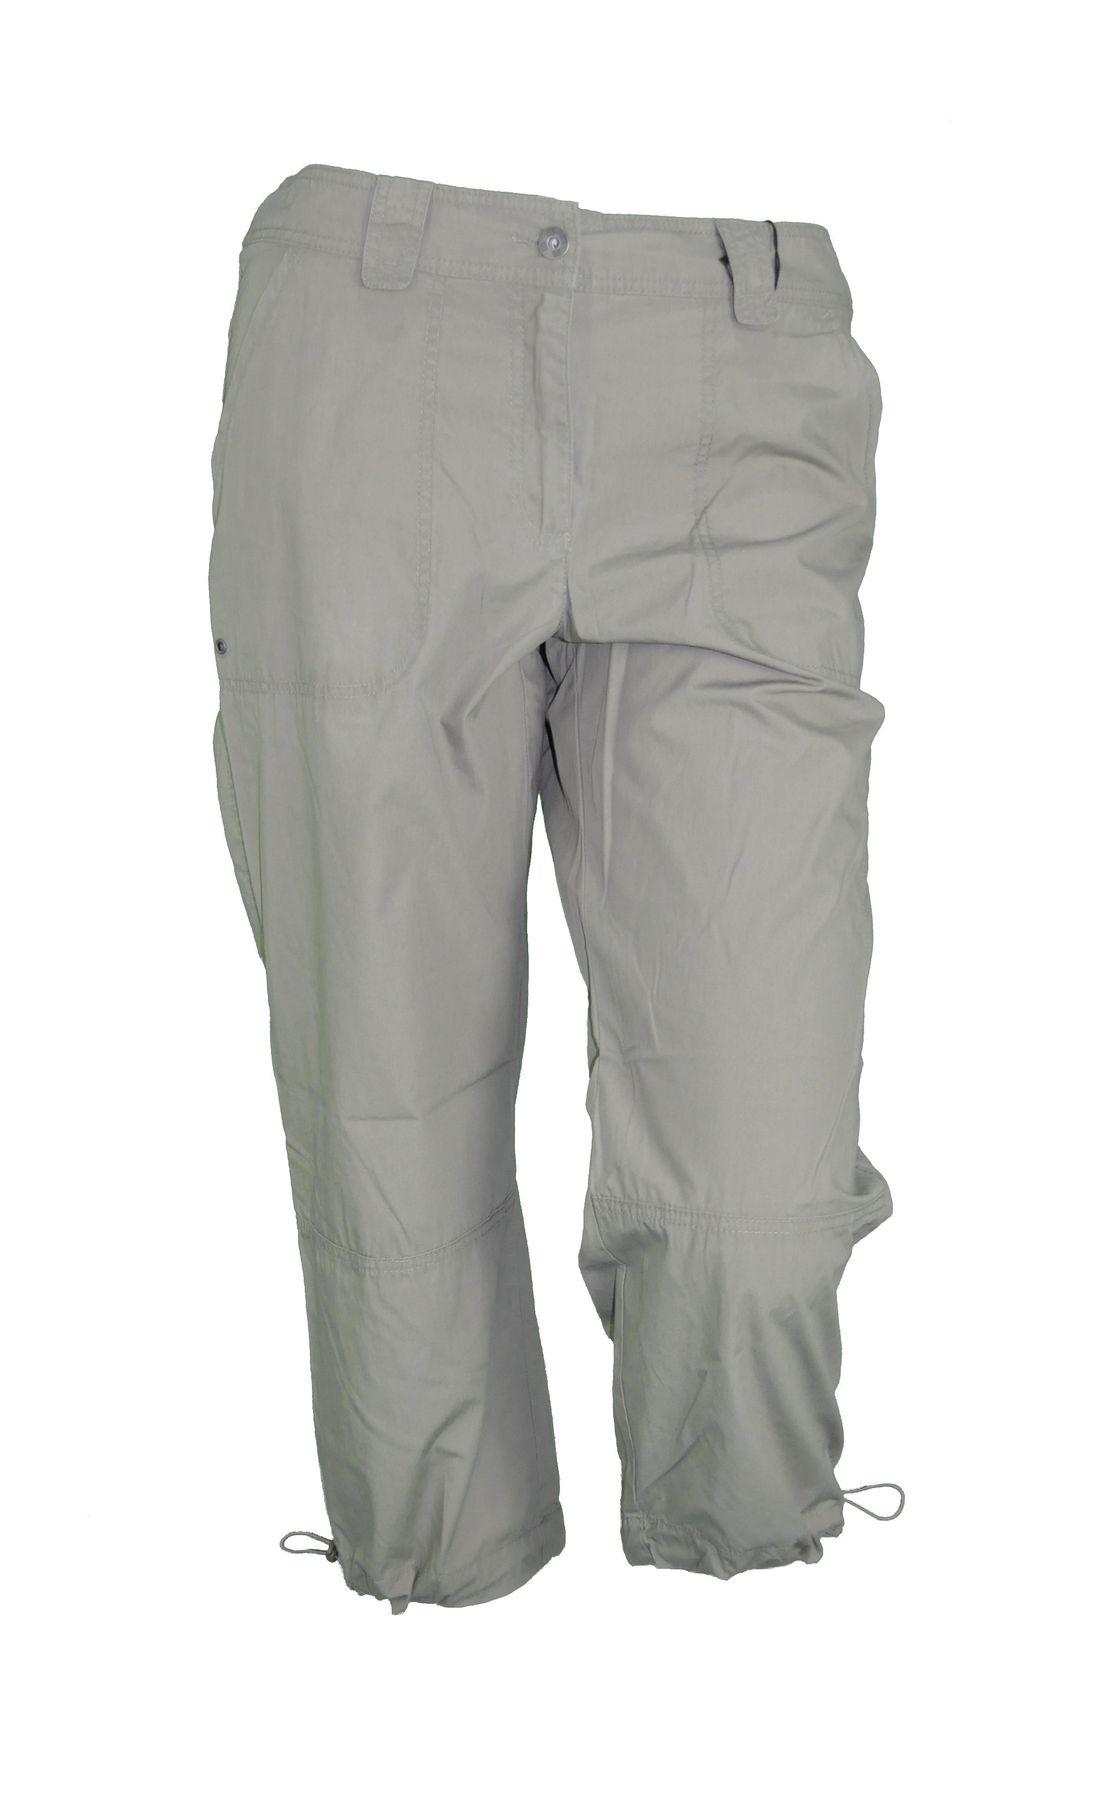 Damen 7/8 Hose in der Farbe Khaki, Art. Bora(887-58)